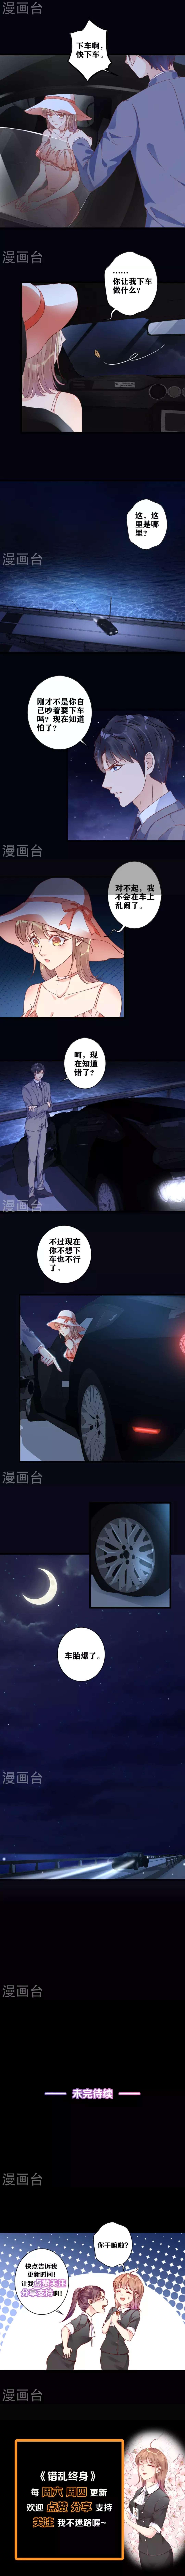 【漫画】终乱终身第九章